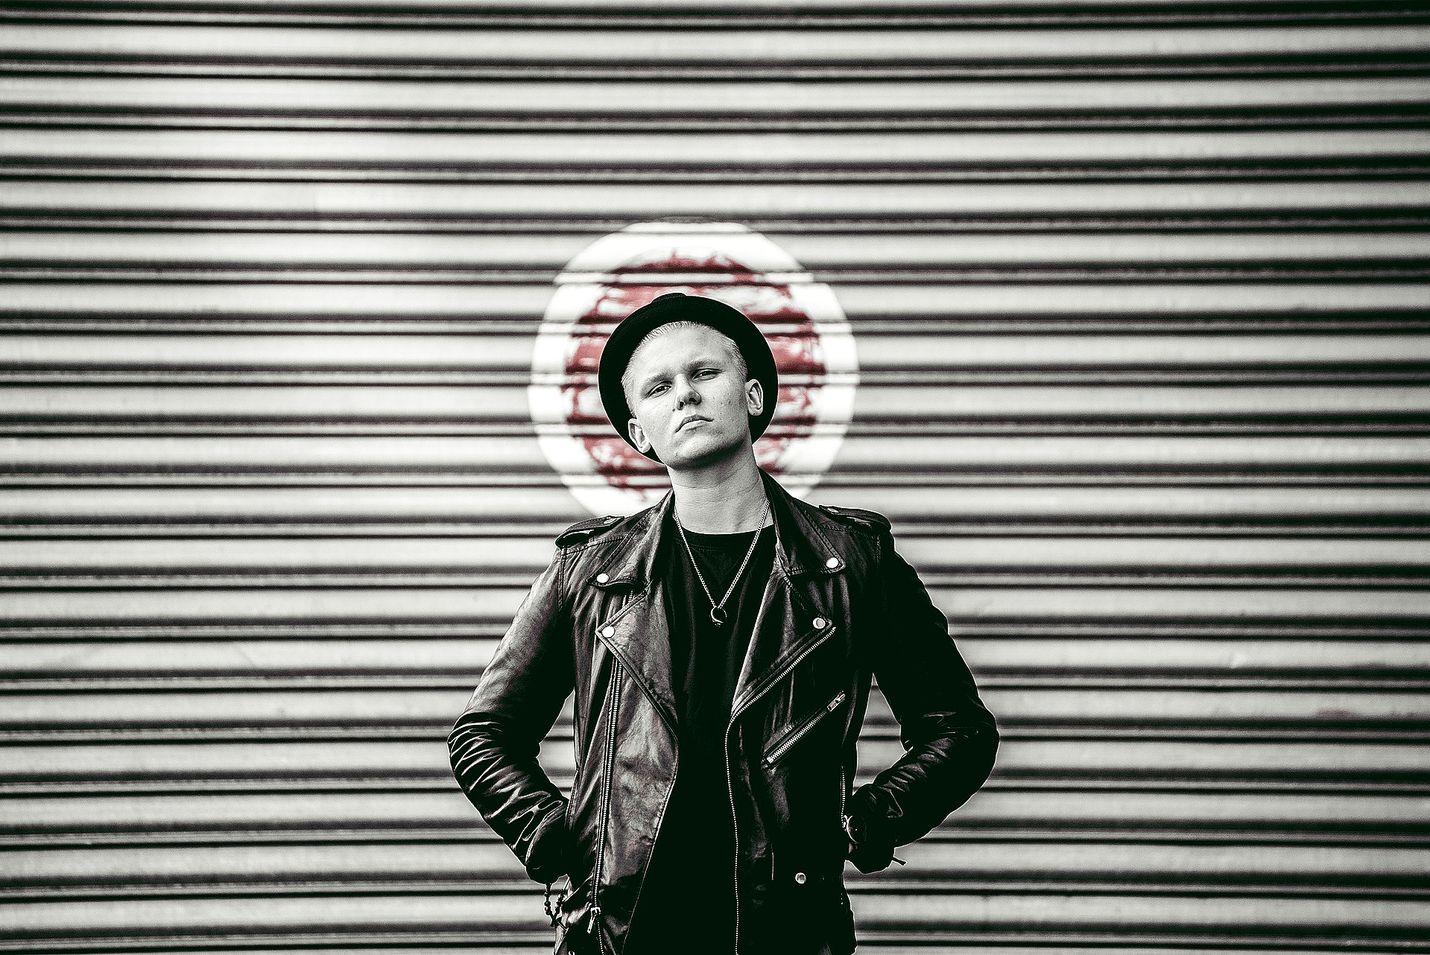 """""""En välitä jos saan rapaa niskaani"""" - Arttu Lindeman on yksi Spotifyn  suosituimmista artisteista 24e895edac"""